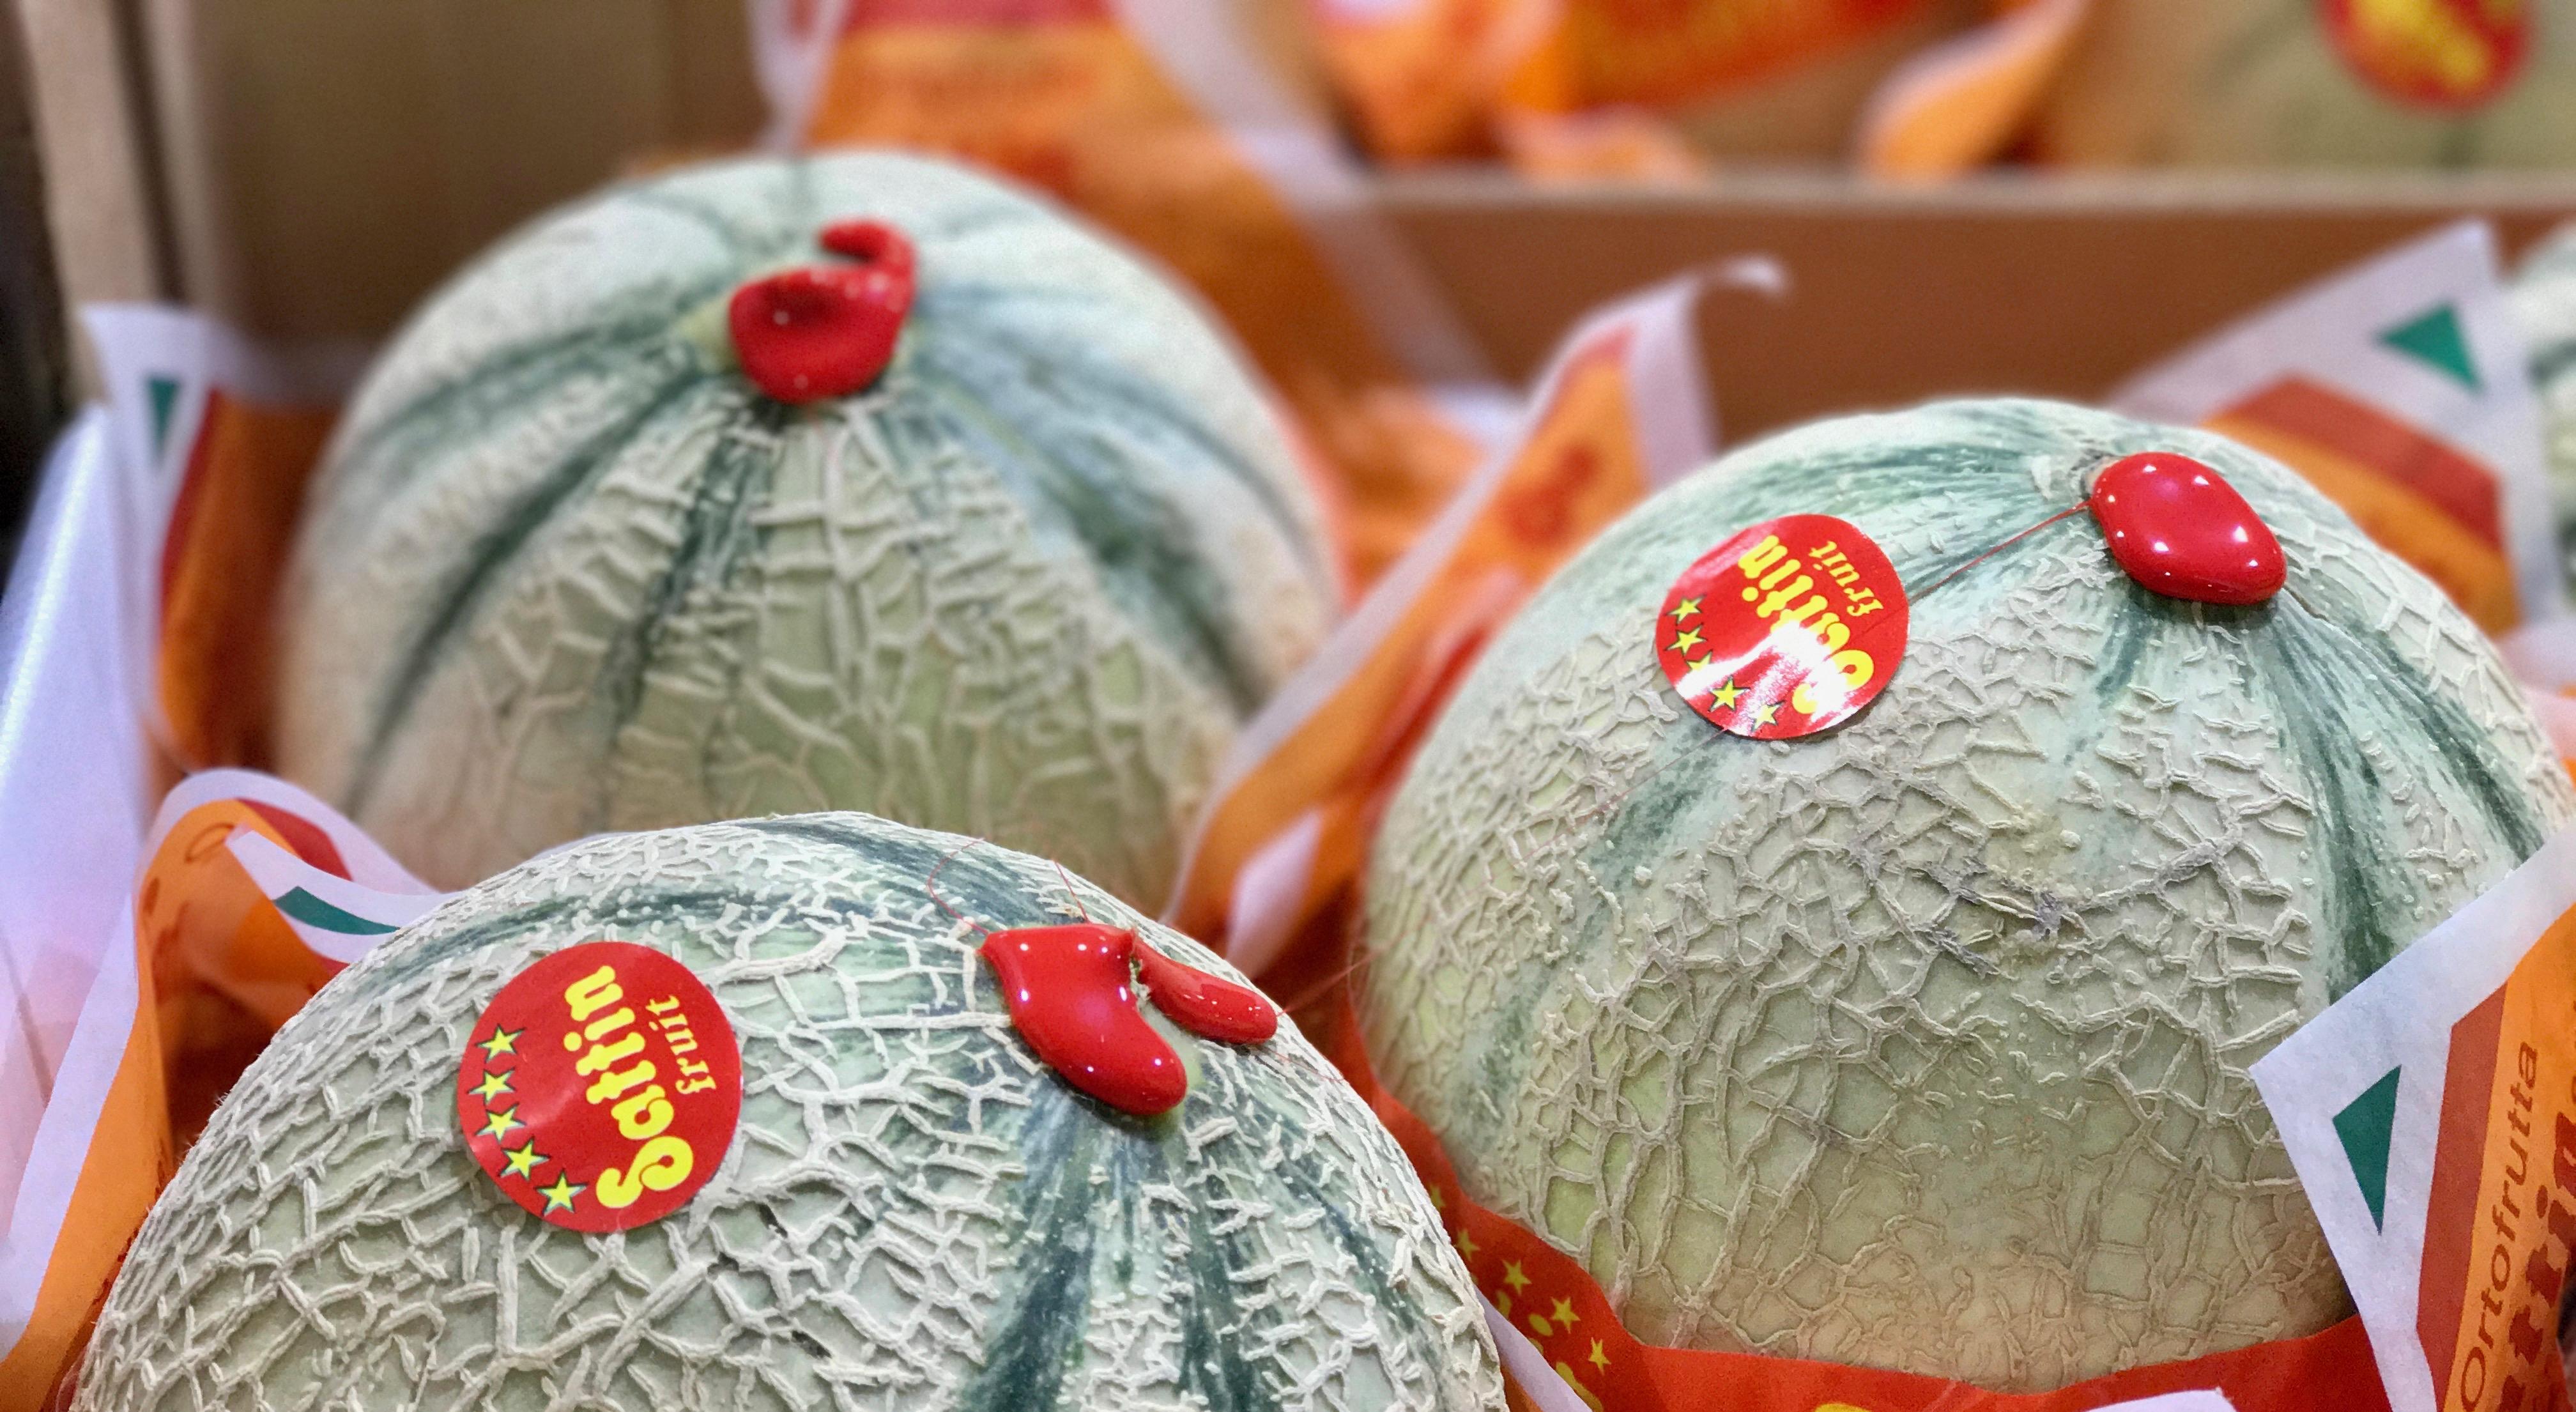 Melone auf Großmarkt